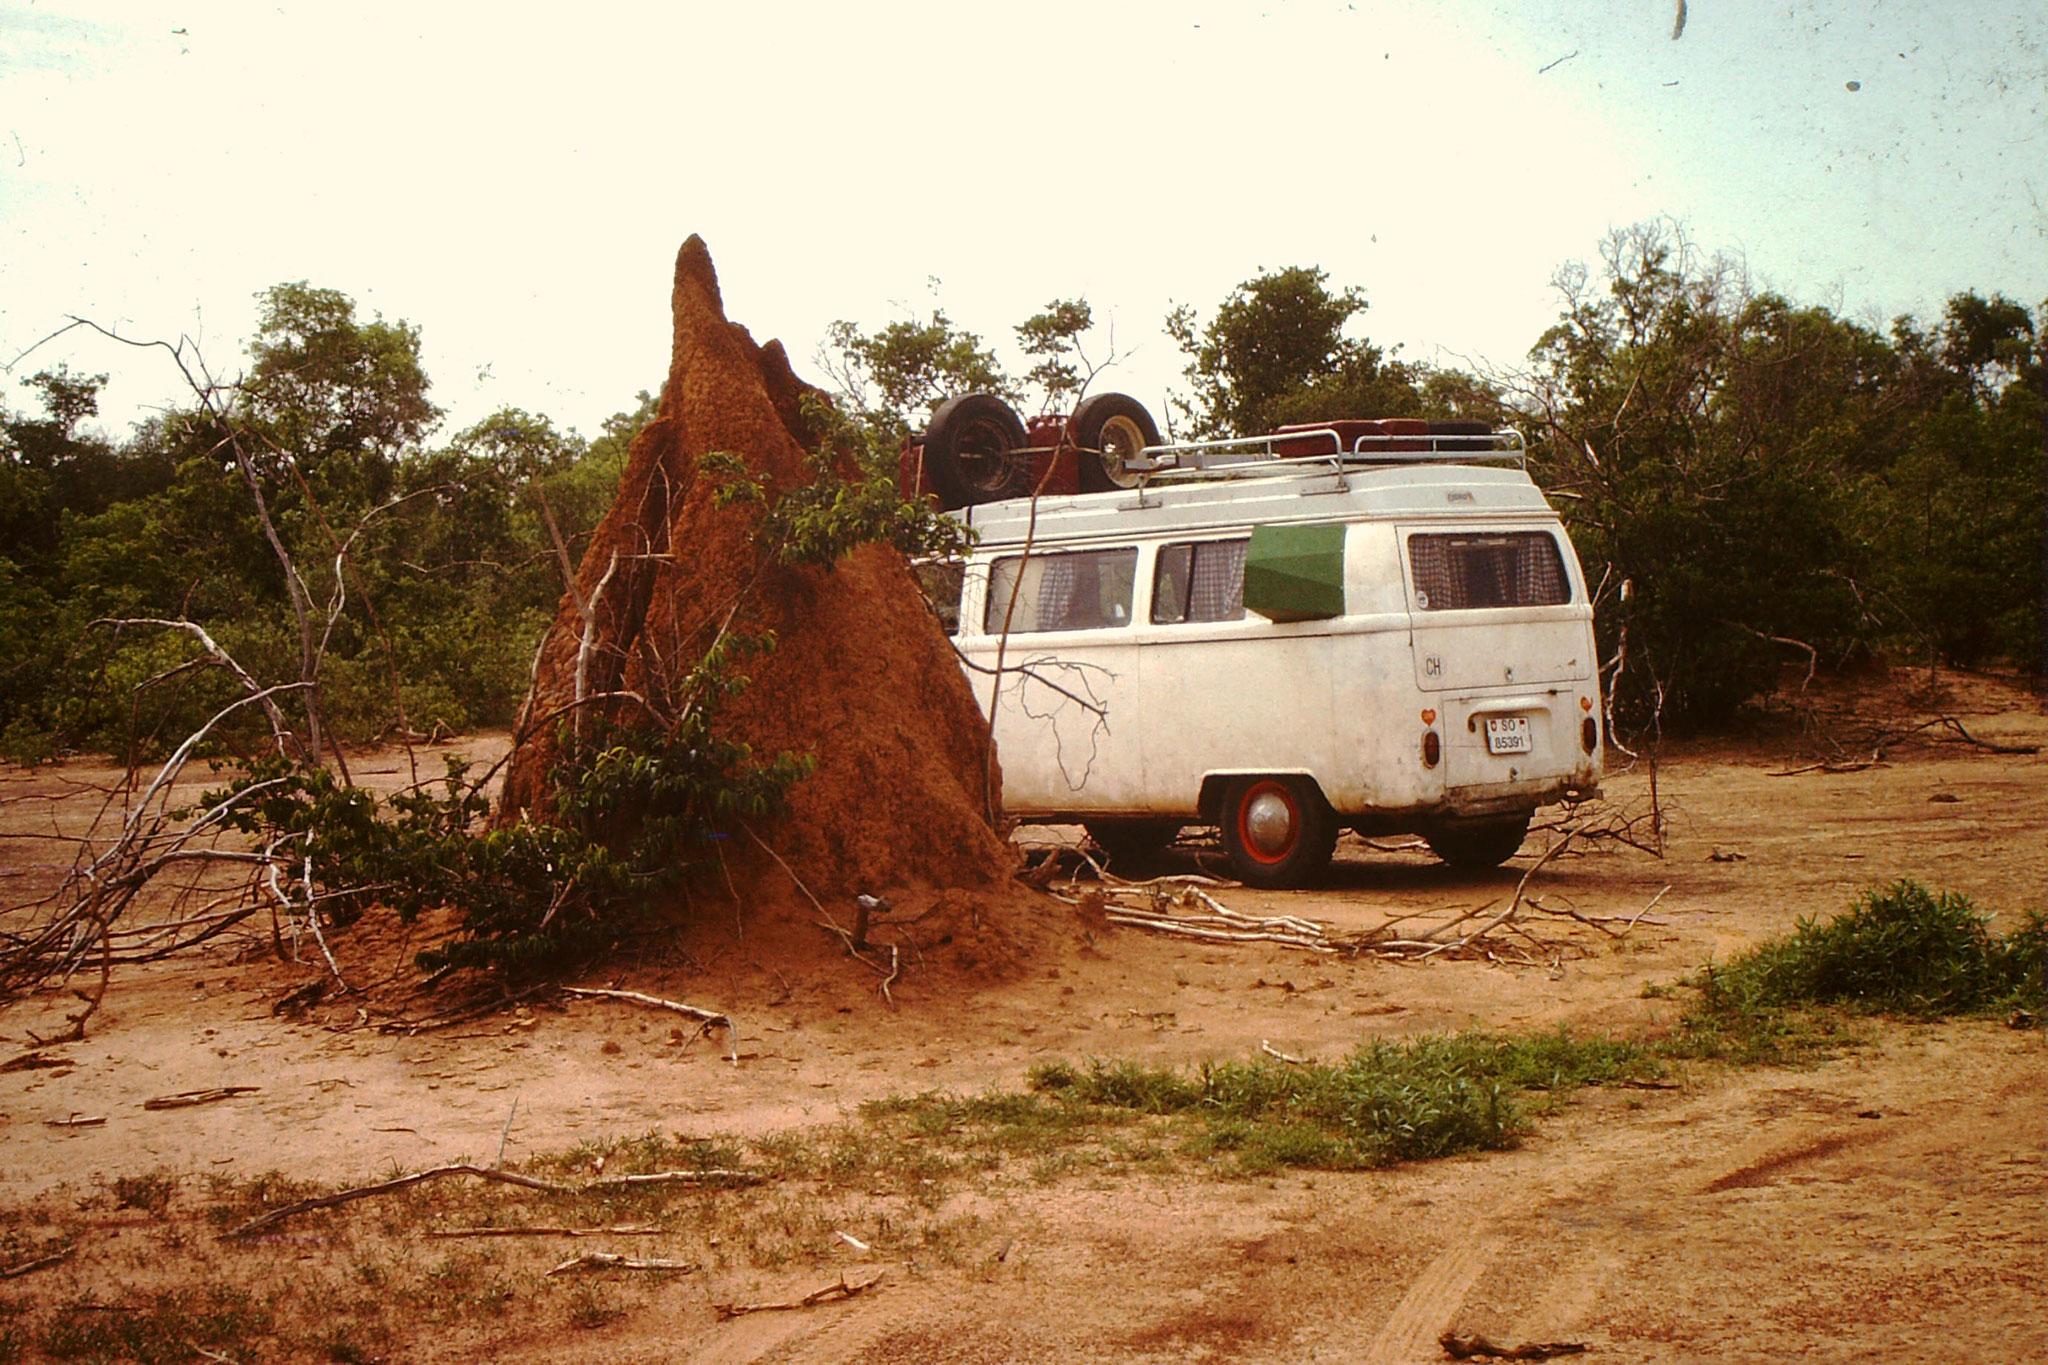 Die Termitenhügel sind oft sehr gross. Verlassene Termitenhügel dienen auch als Nistplatz für Vögel und andere Kleinlebewesen. Die Hügel sind sehr hart und überstehen auch die Regenzeit.